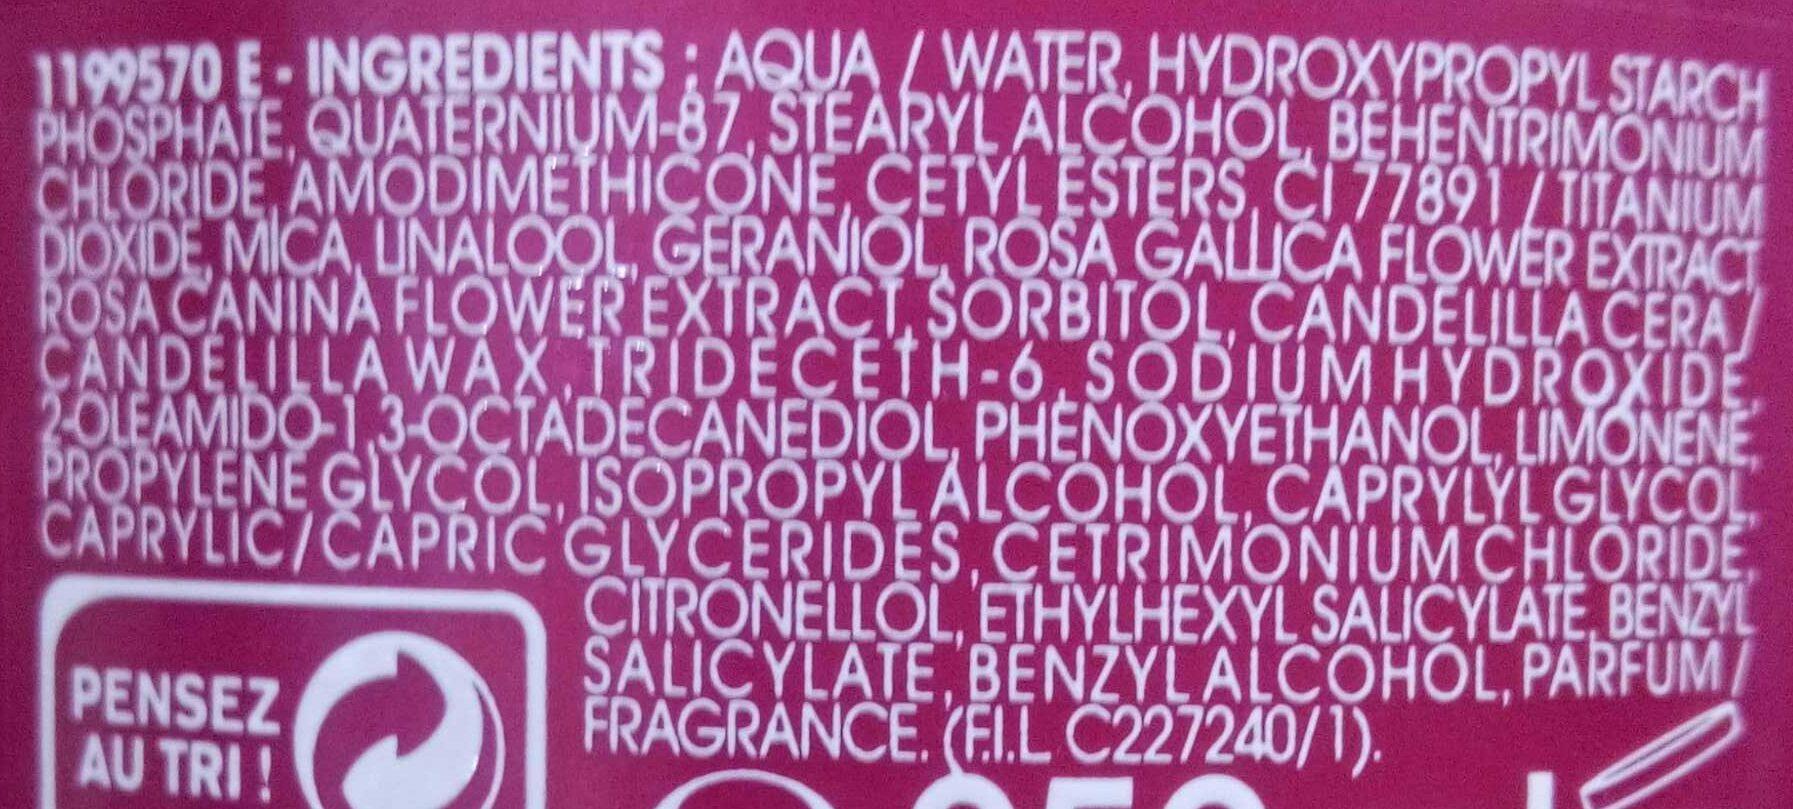 Réveil'Color Rose Précieuse - Ingredients